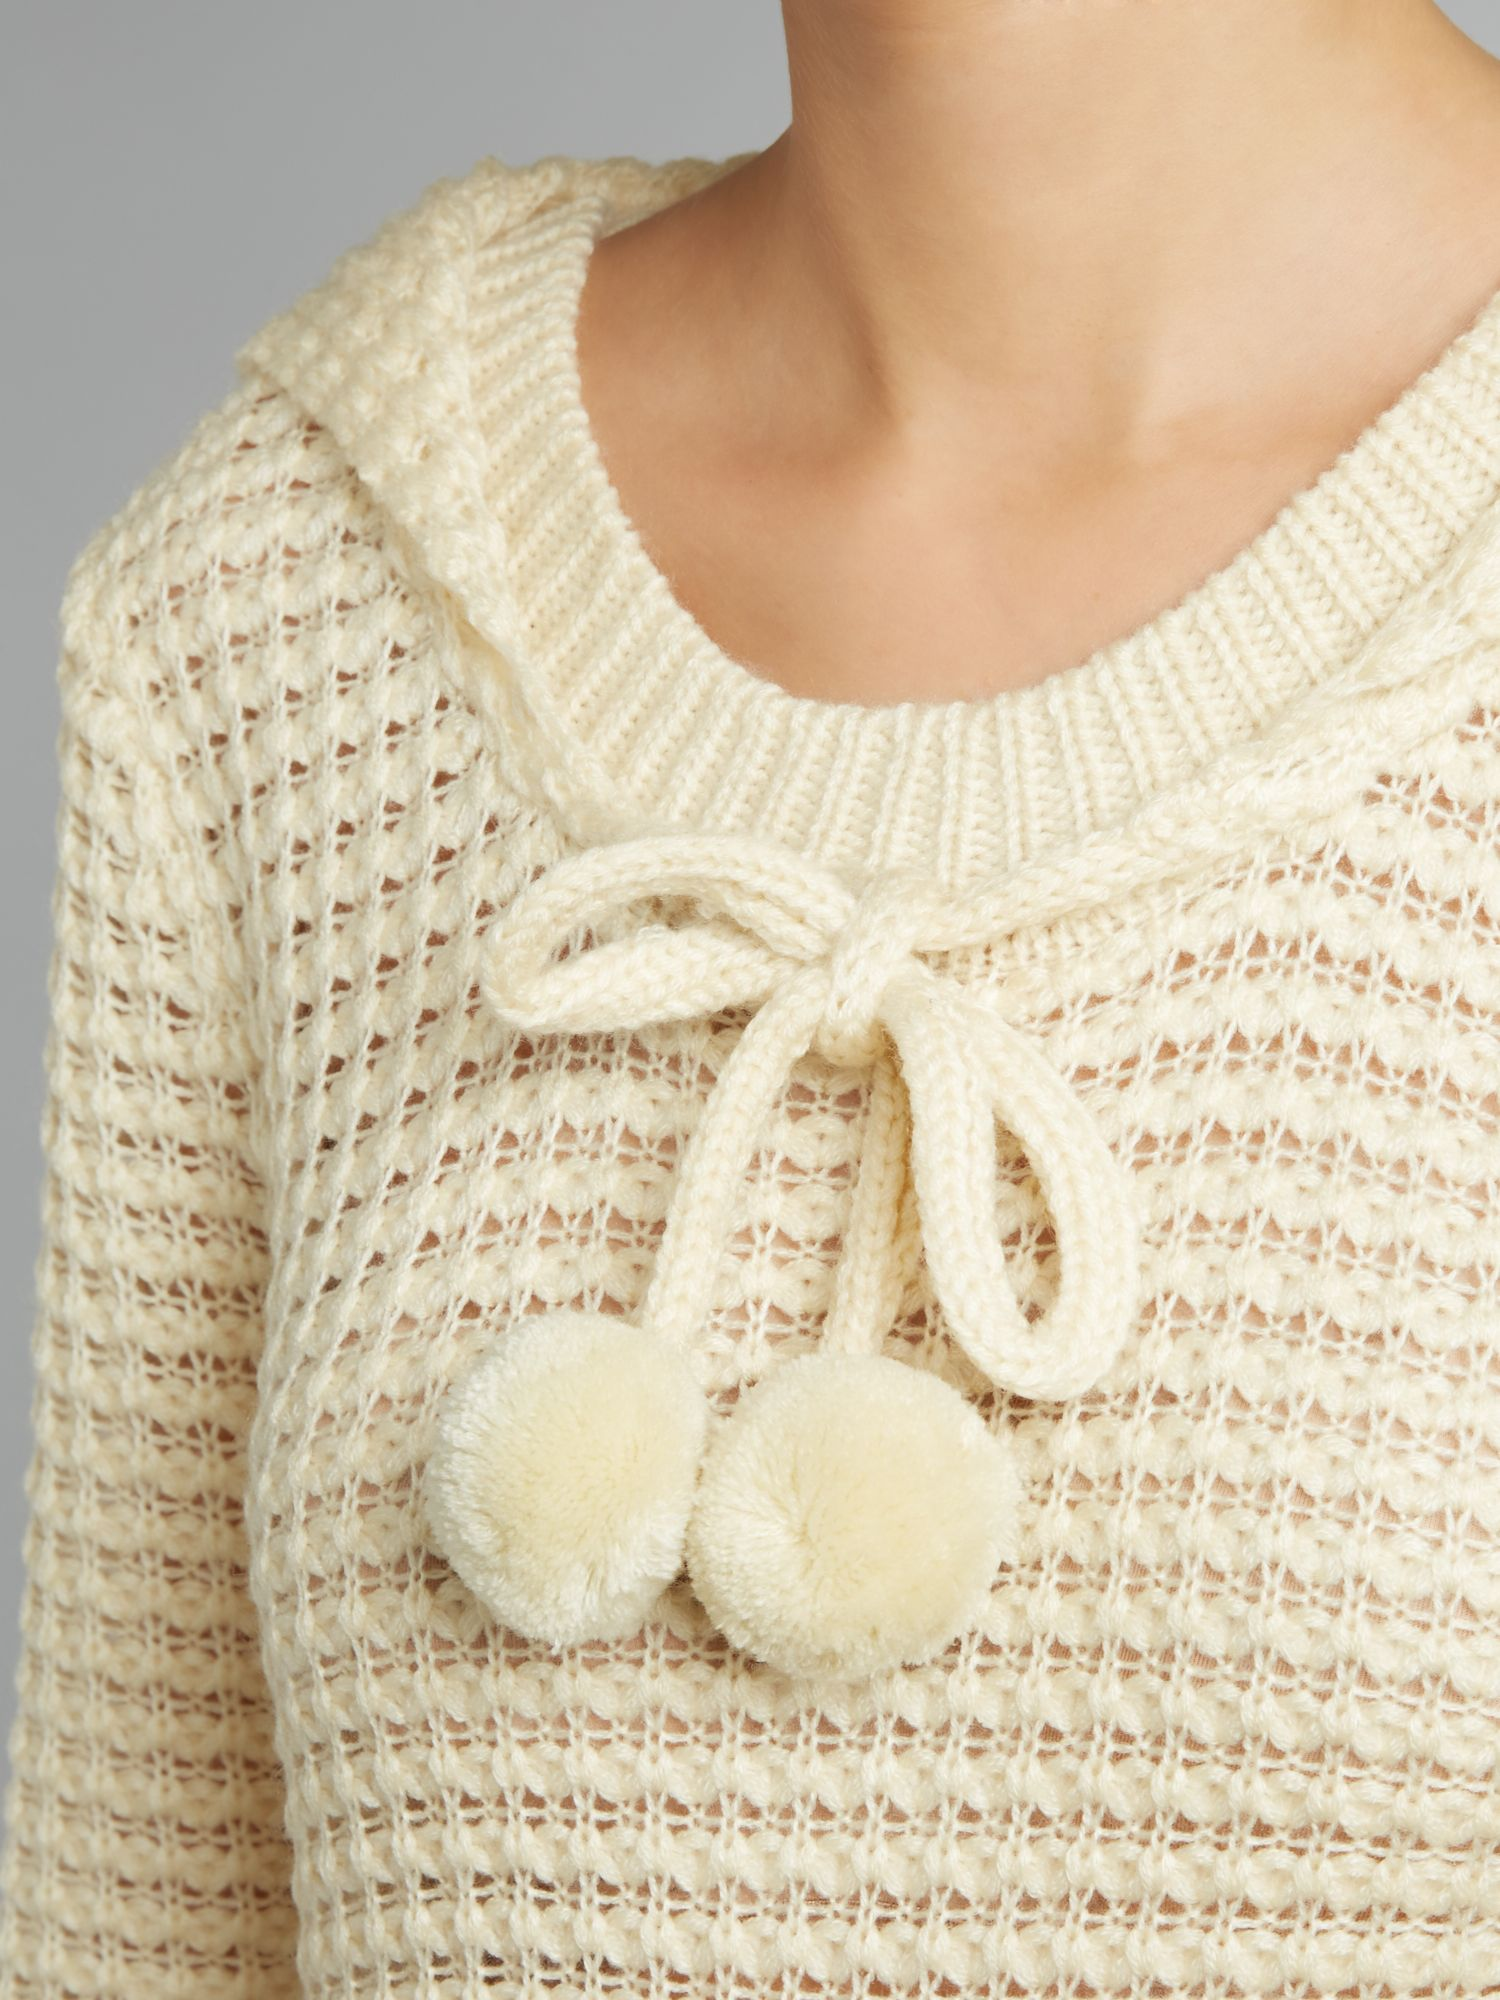 Kangaroo Hoodie Knitting Pattern : Izabel london Chunky Knit Hoodie with Kangaroo Pocket in ...